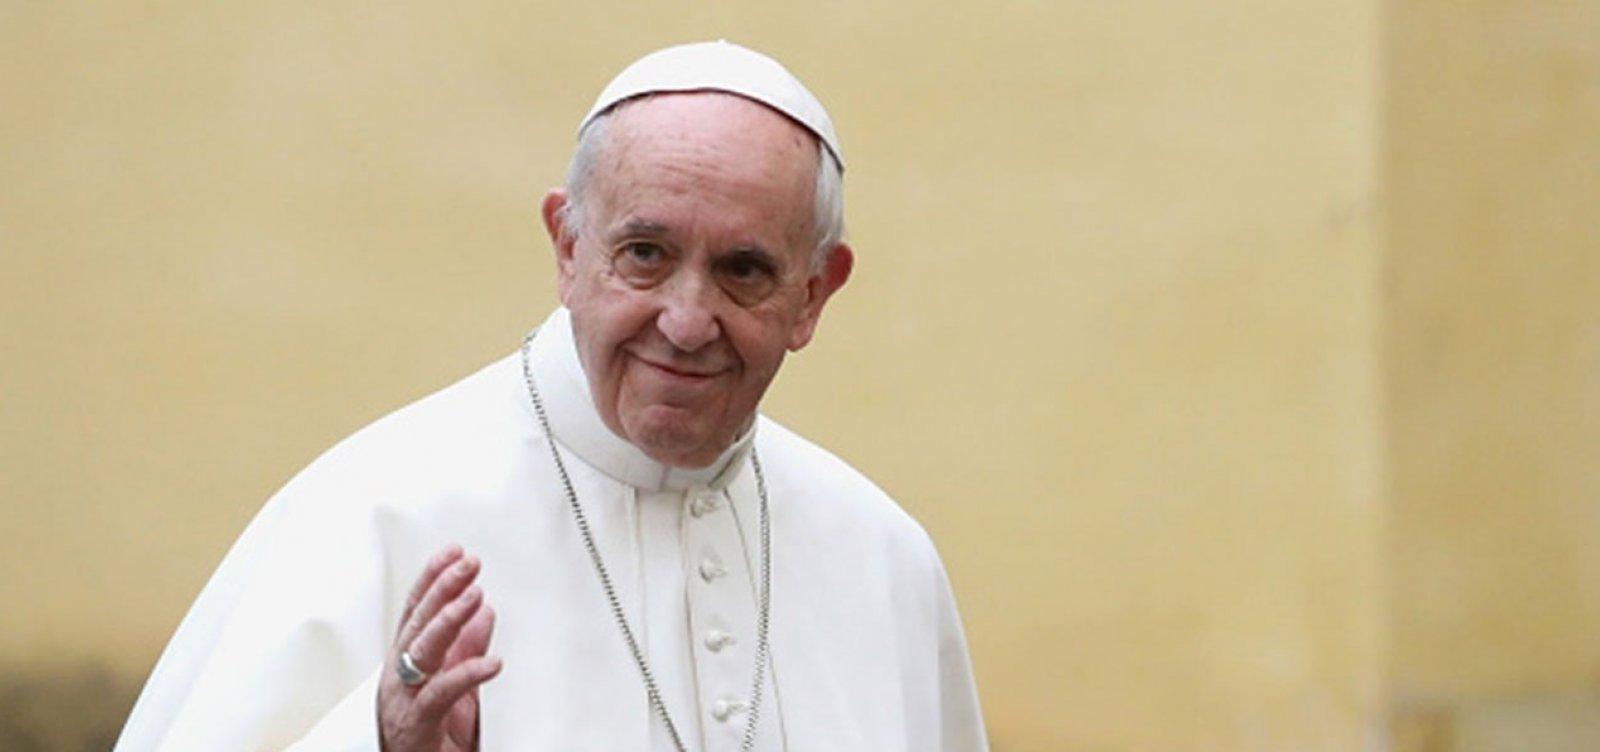 [Pessoa que mora na residência de Papa está com Covid-19]